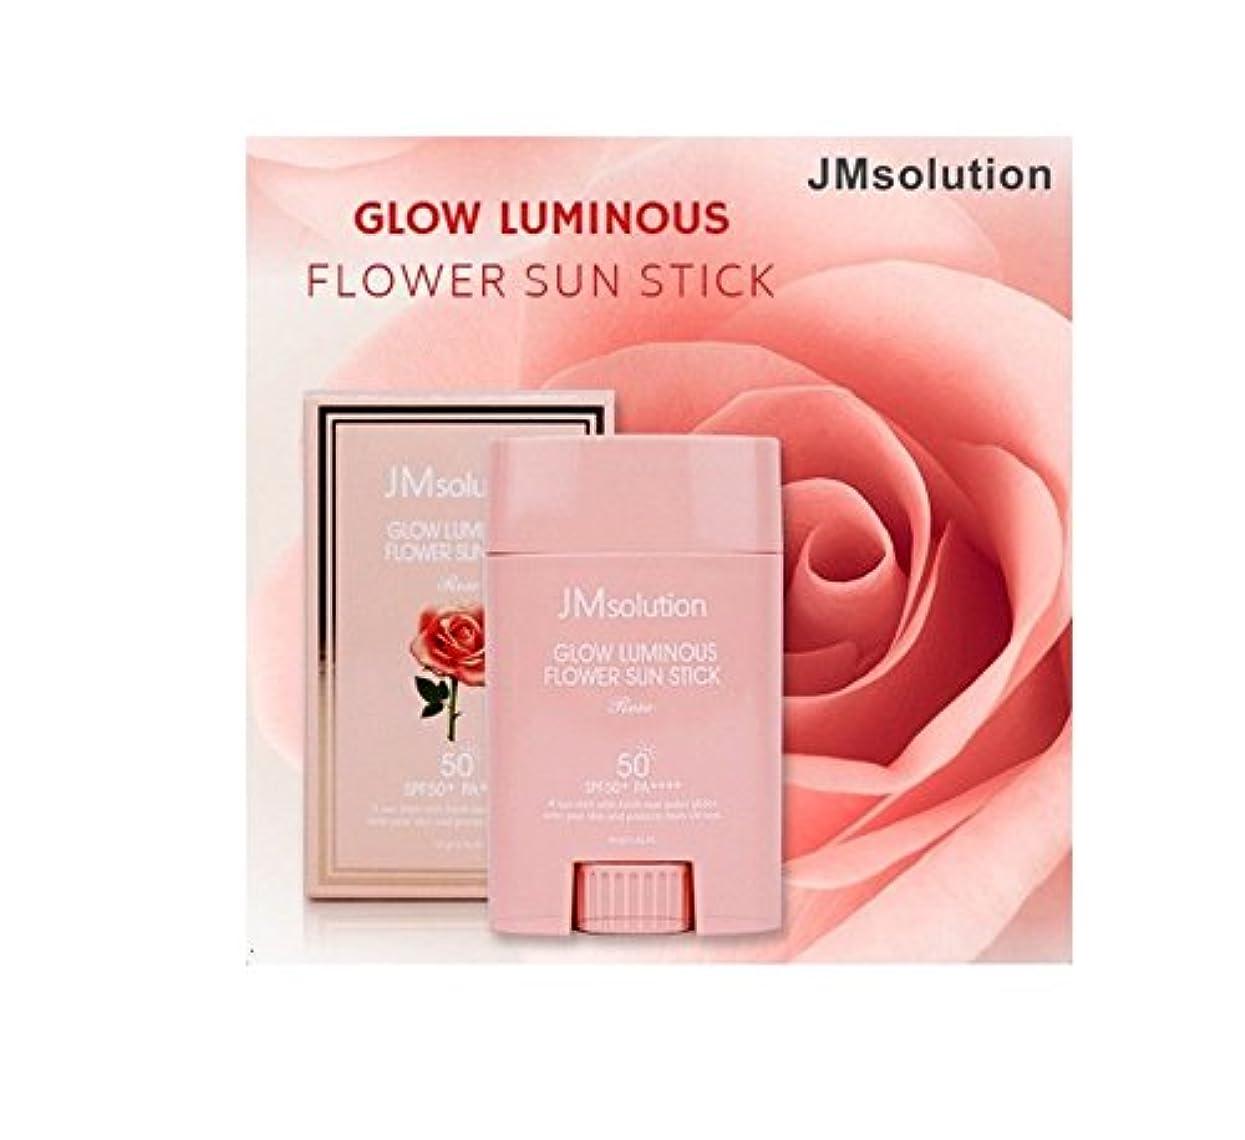 蘇生するかなりの飽和するJM Solution Glow Luminous Flower Sun Stick Rose 21g (spf50 PA) 光る輝く花Sun Stick Rose